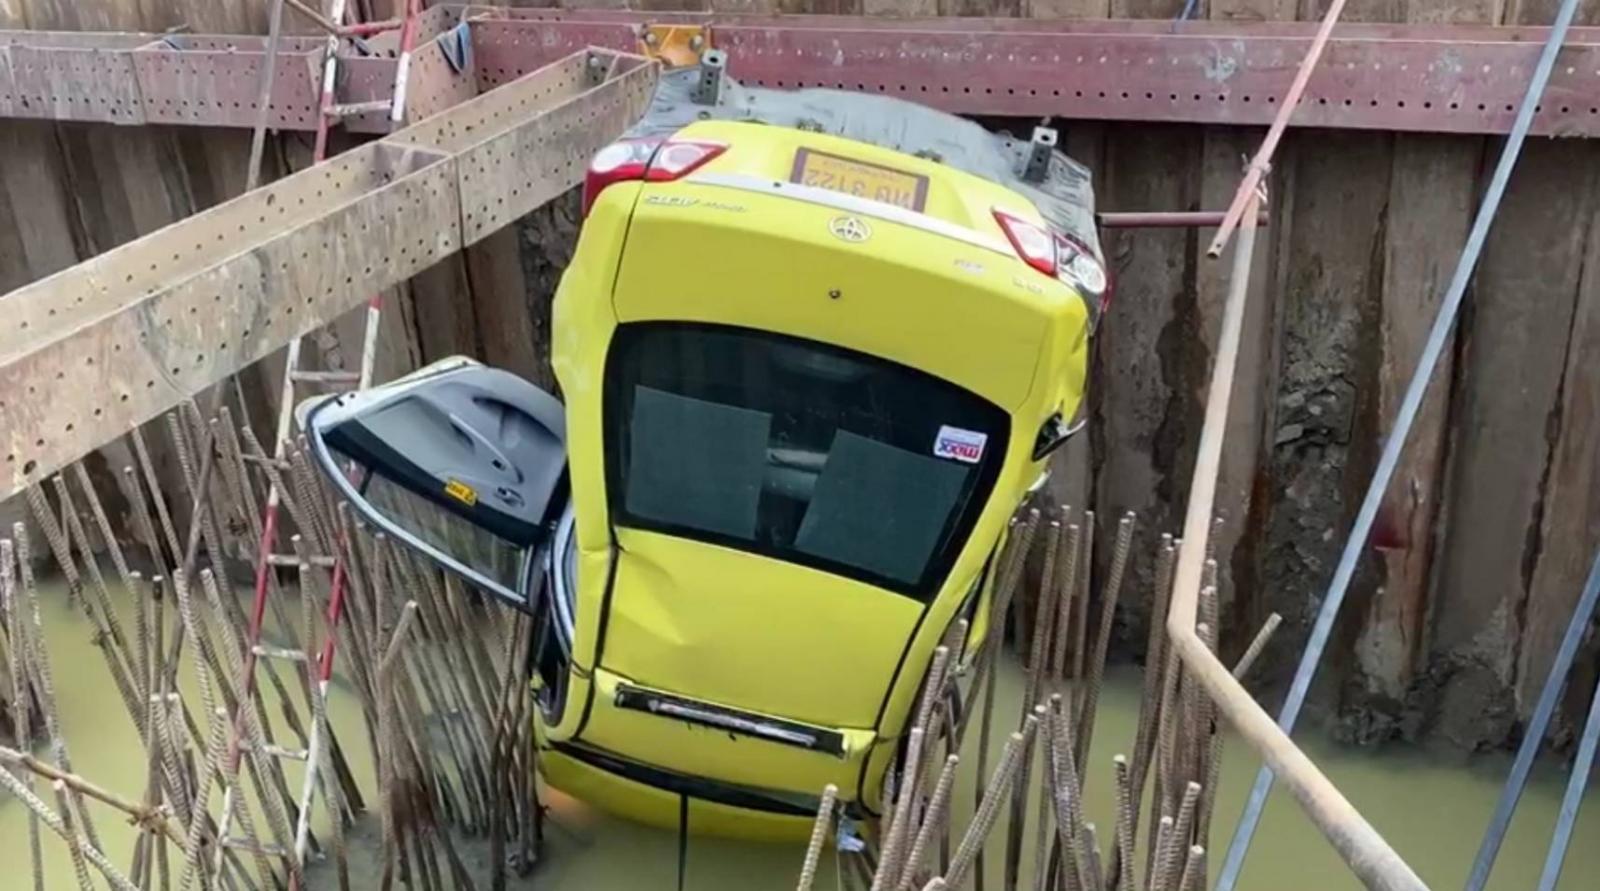 แท็กซี่ เล่านาทีระทึก พาผู้โดยสารพุ่งตกบ่อสร้างรถไฟฟ้า